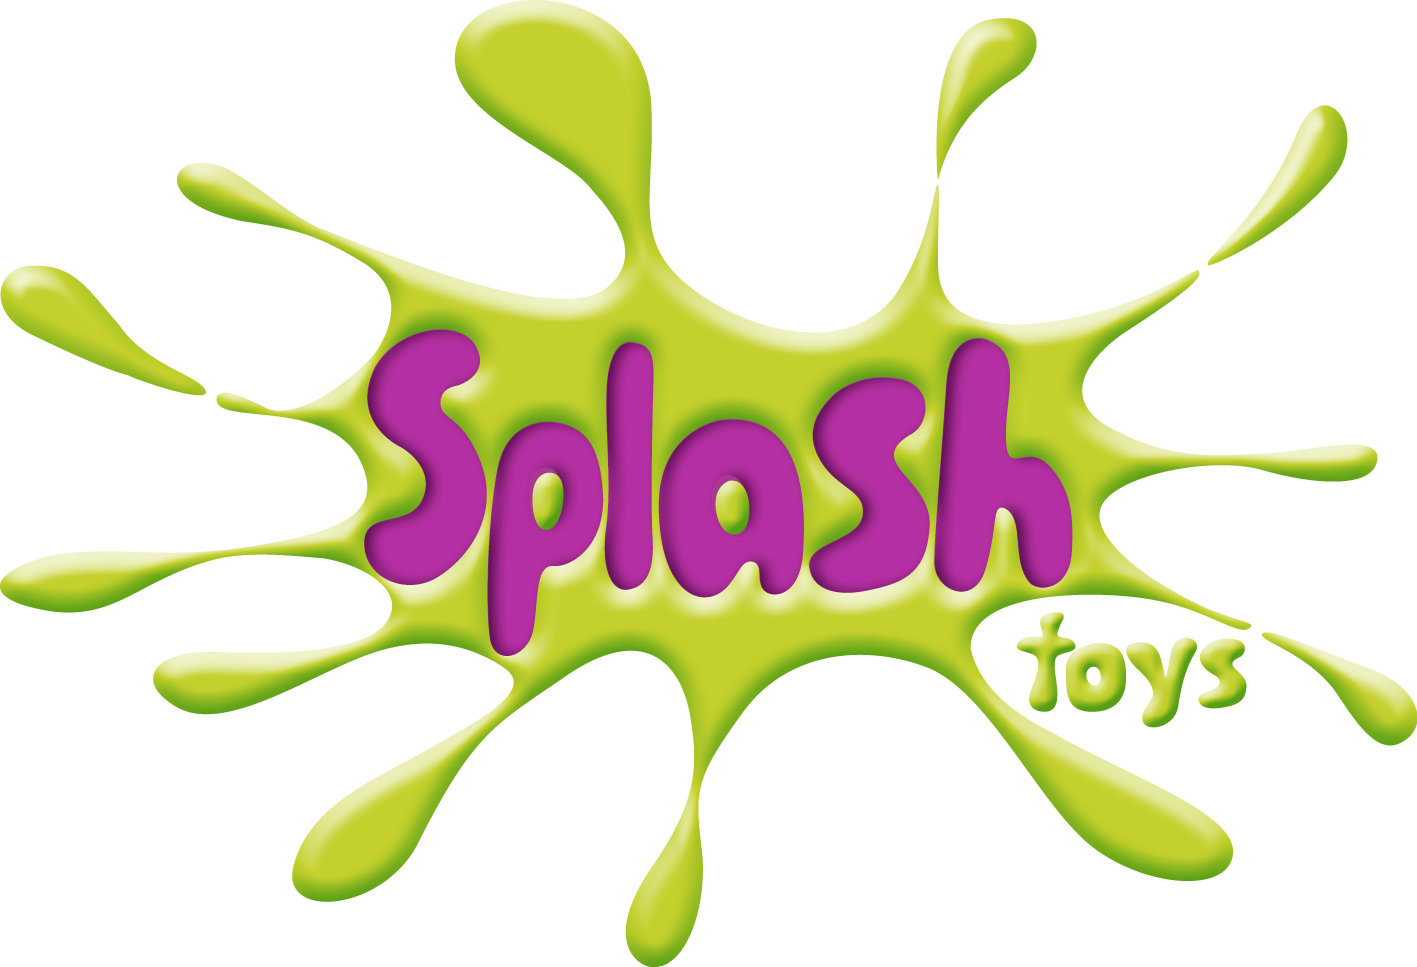 Znalezione obrazy dla zapytania splash toys logo